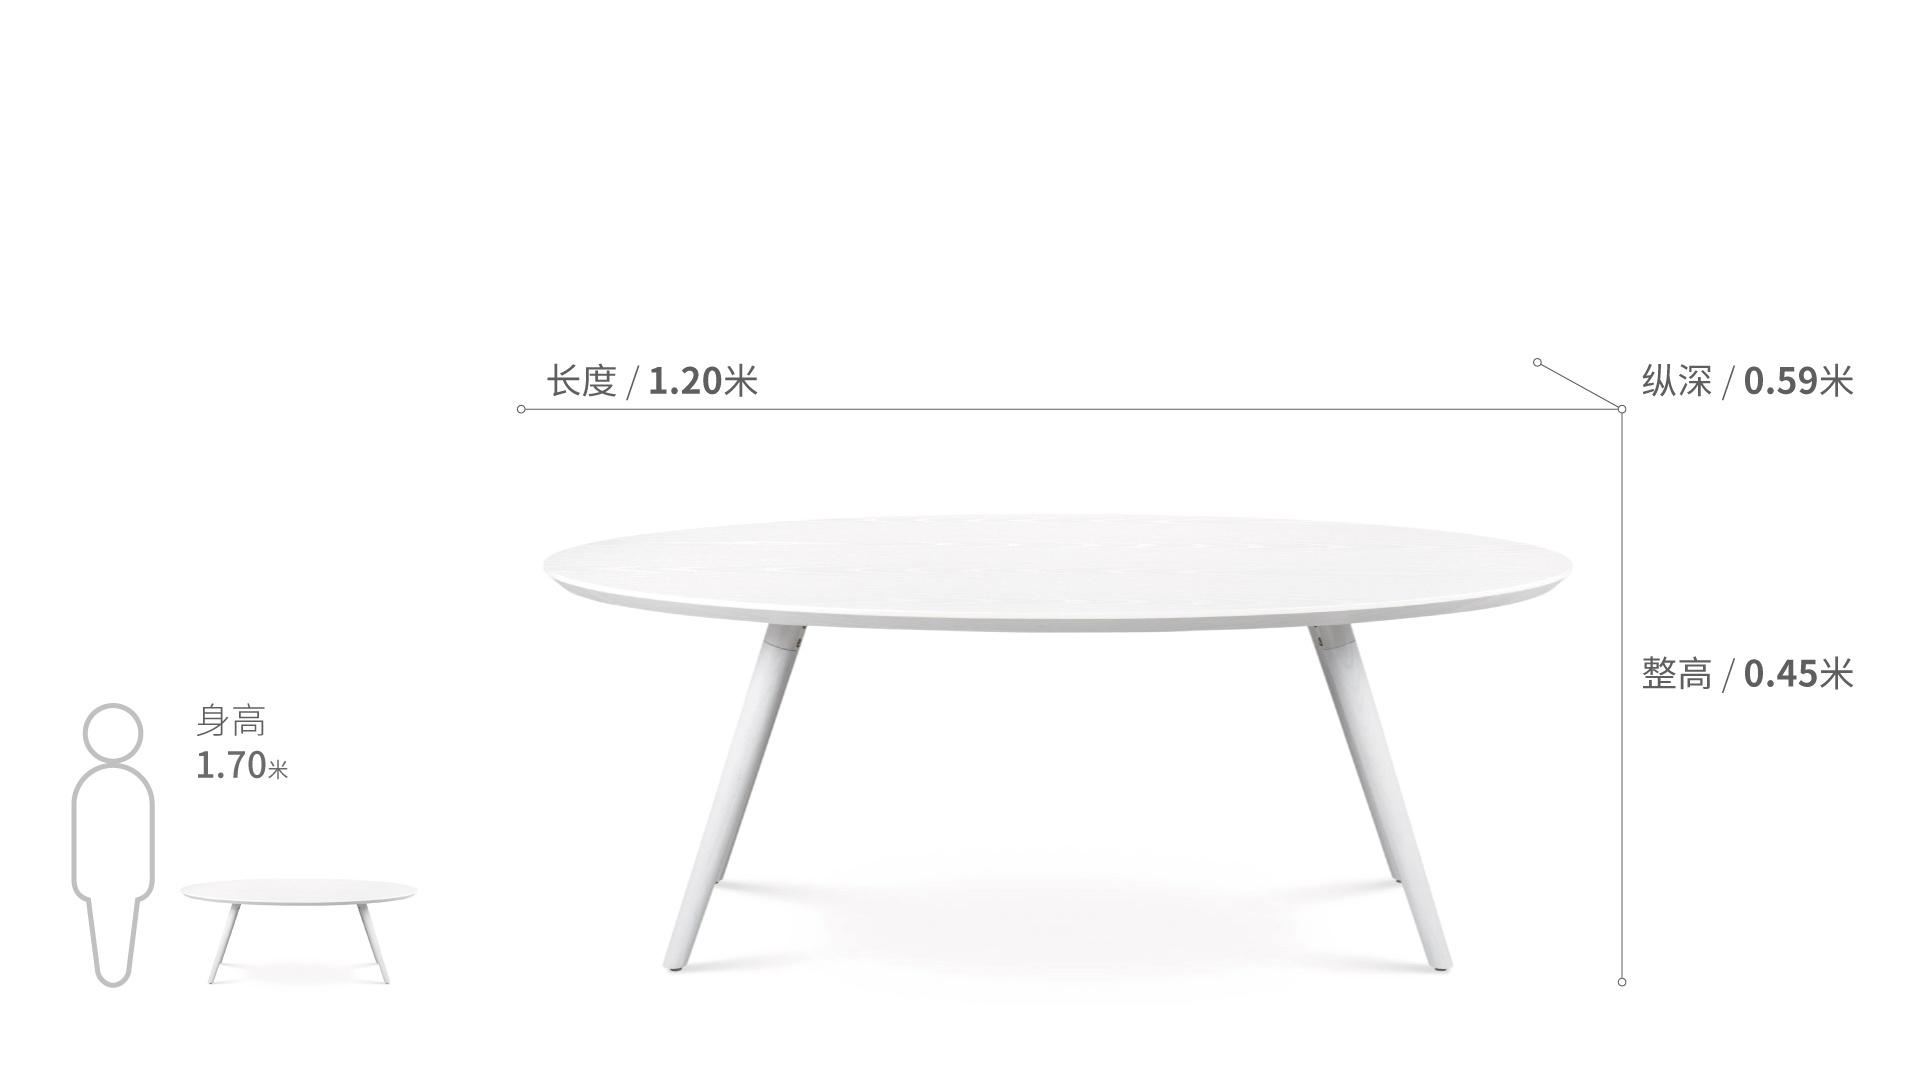 画板咖啡几®椭圆形桌几效果图